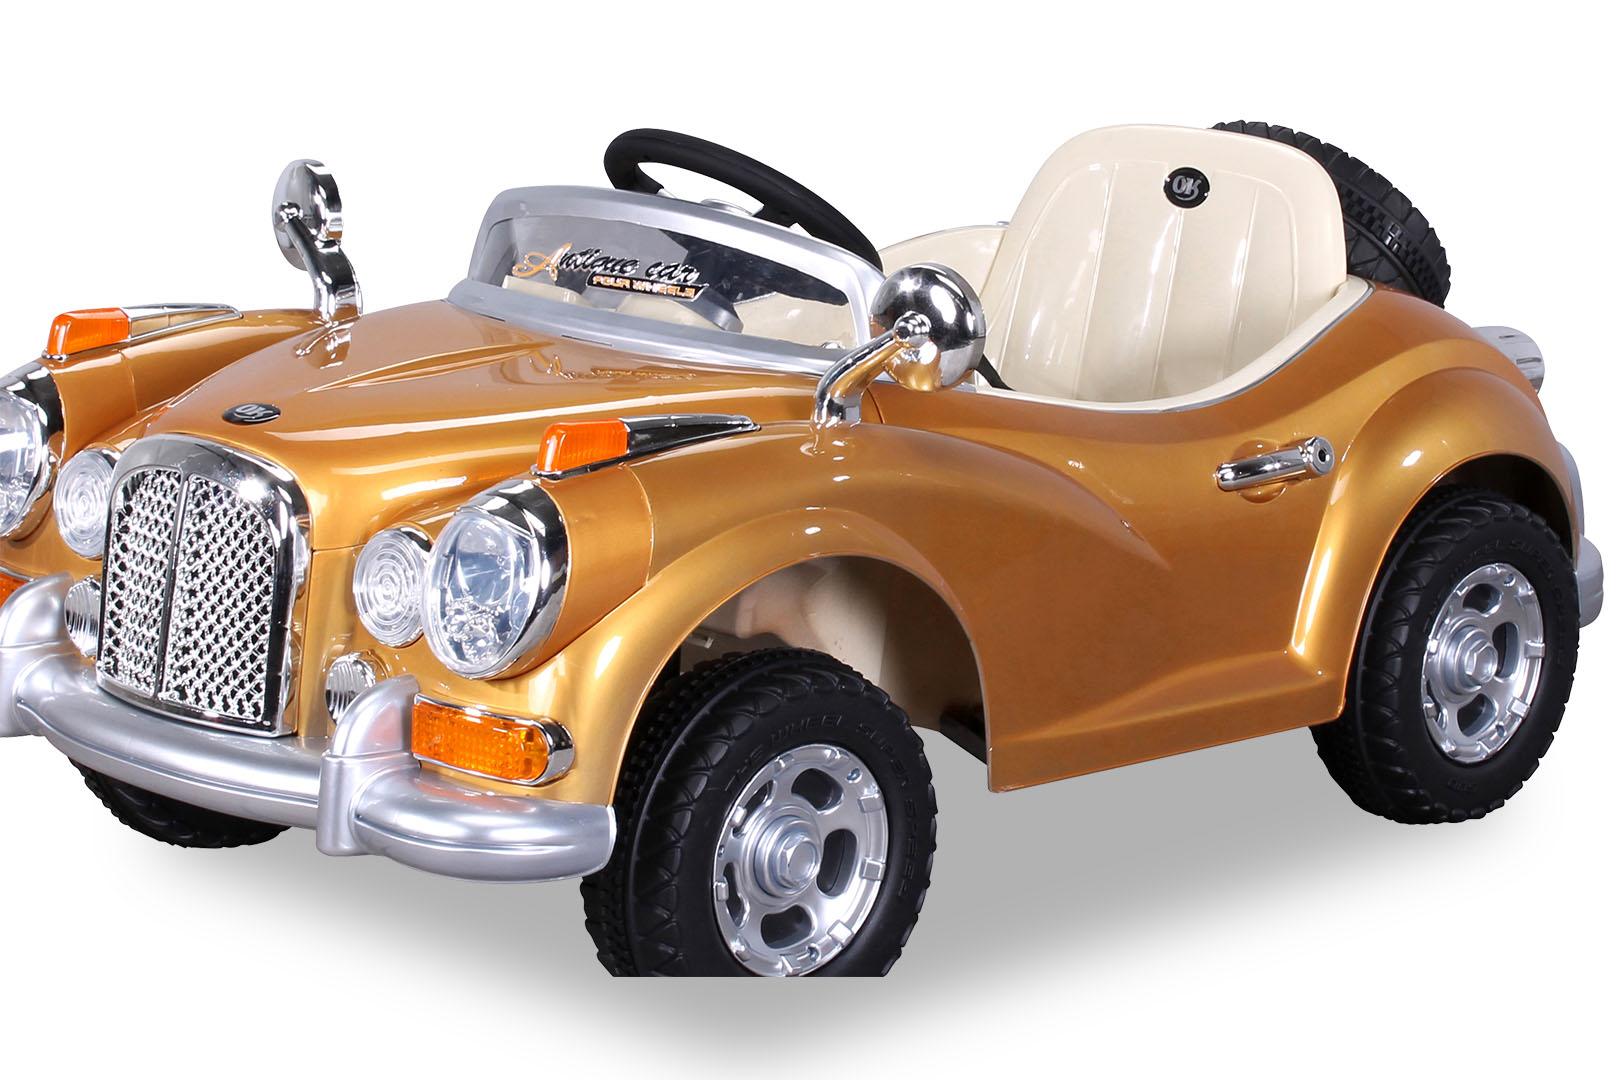 kinder elektro auto oldtimer kinderauto elektrofahrzeug kinderfahrzeug spielzeug ebay. Black Bedroom Furniture Sets. Home Design Ideas